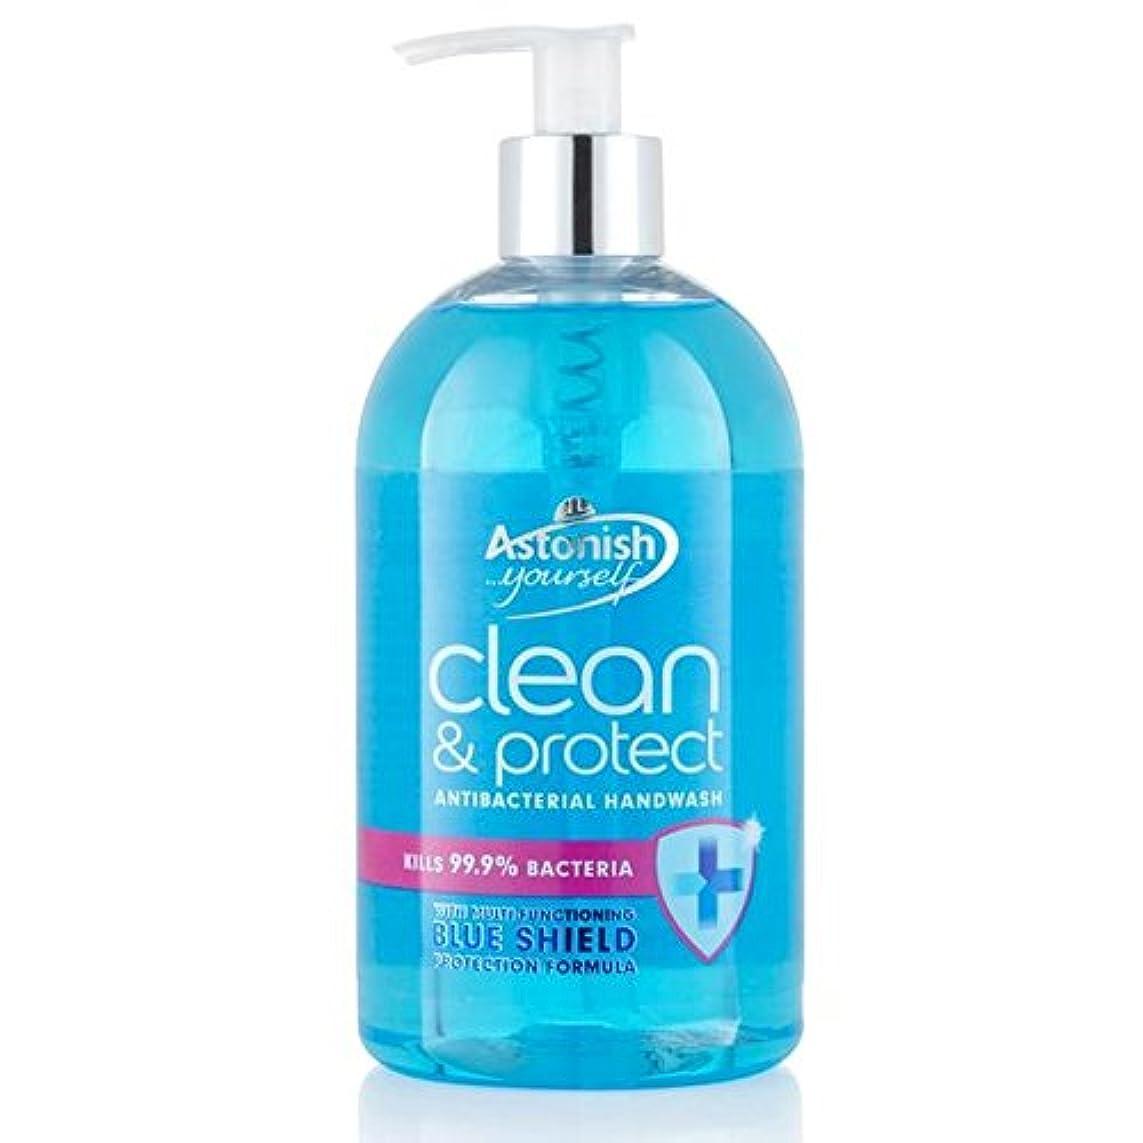 落ち着いた訪問キウイAstonish Clean & Protect Hand Wash 500ml (Pack of 6) - クリーン驚か&ハンドウォッシュ500ミリリットルを保護 x6 [並行輸入品]